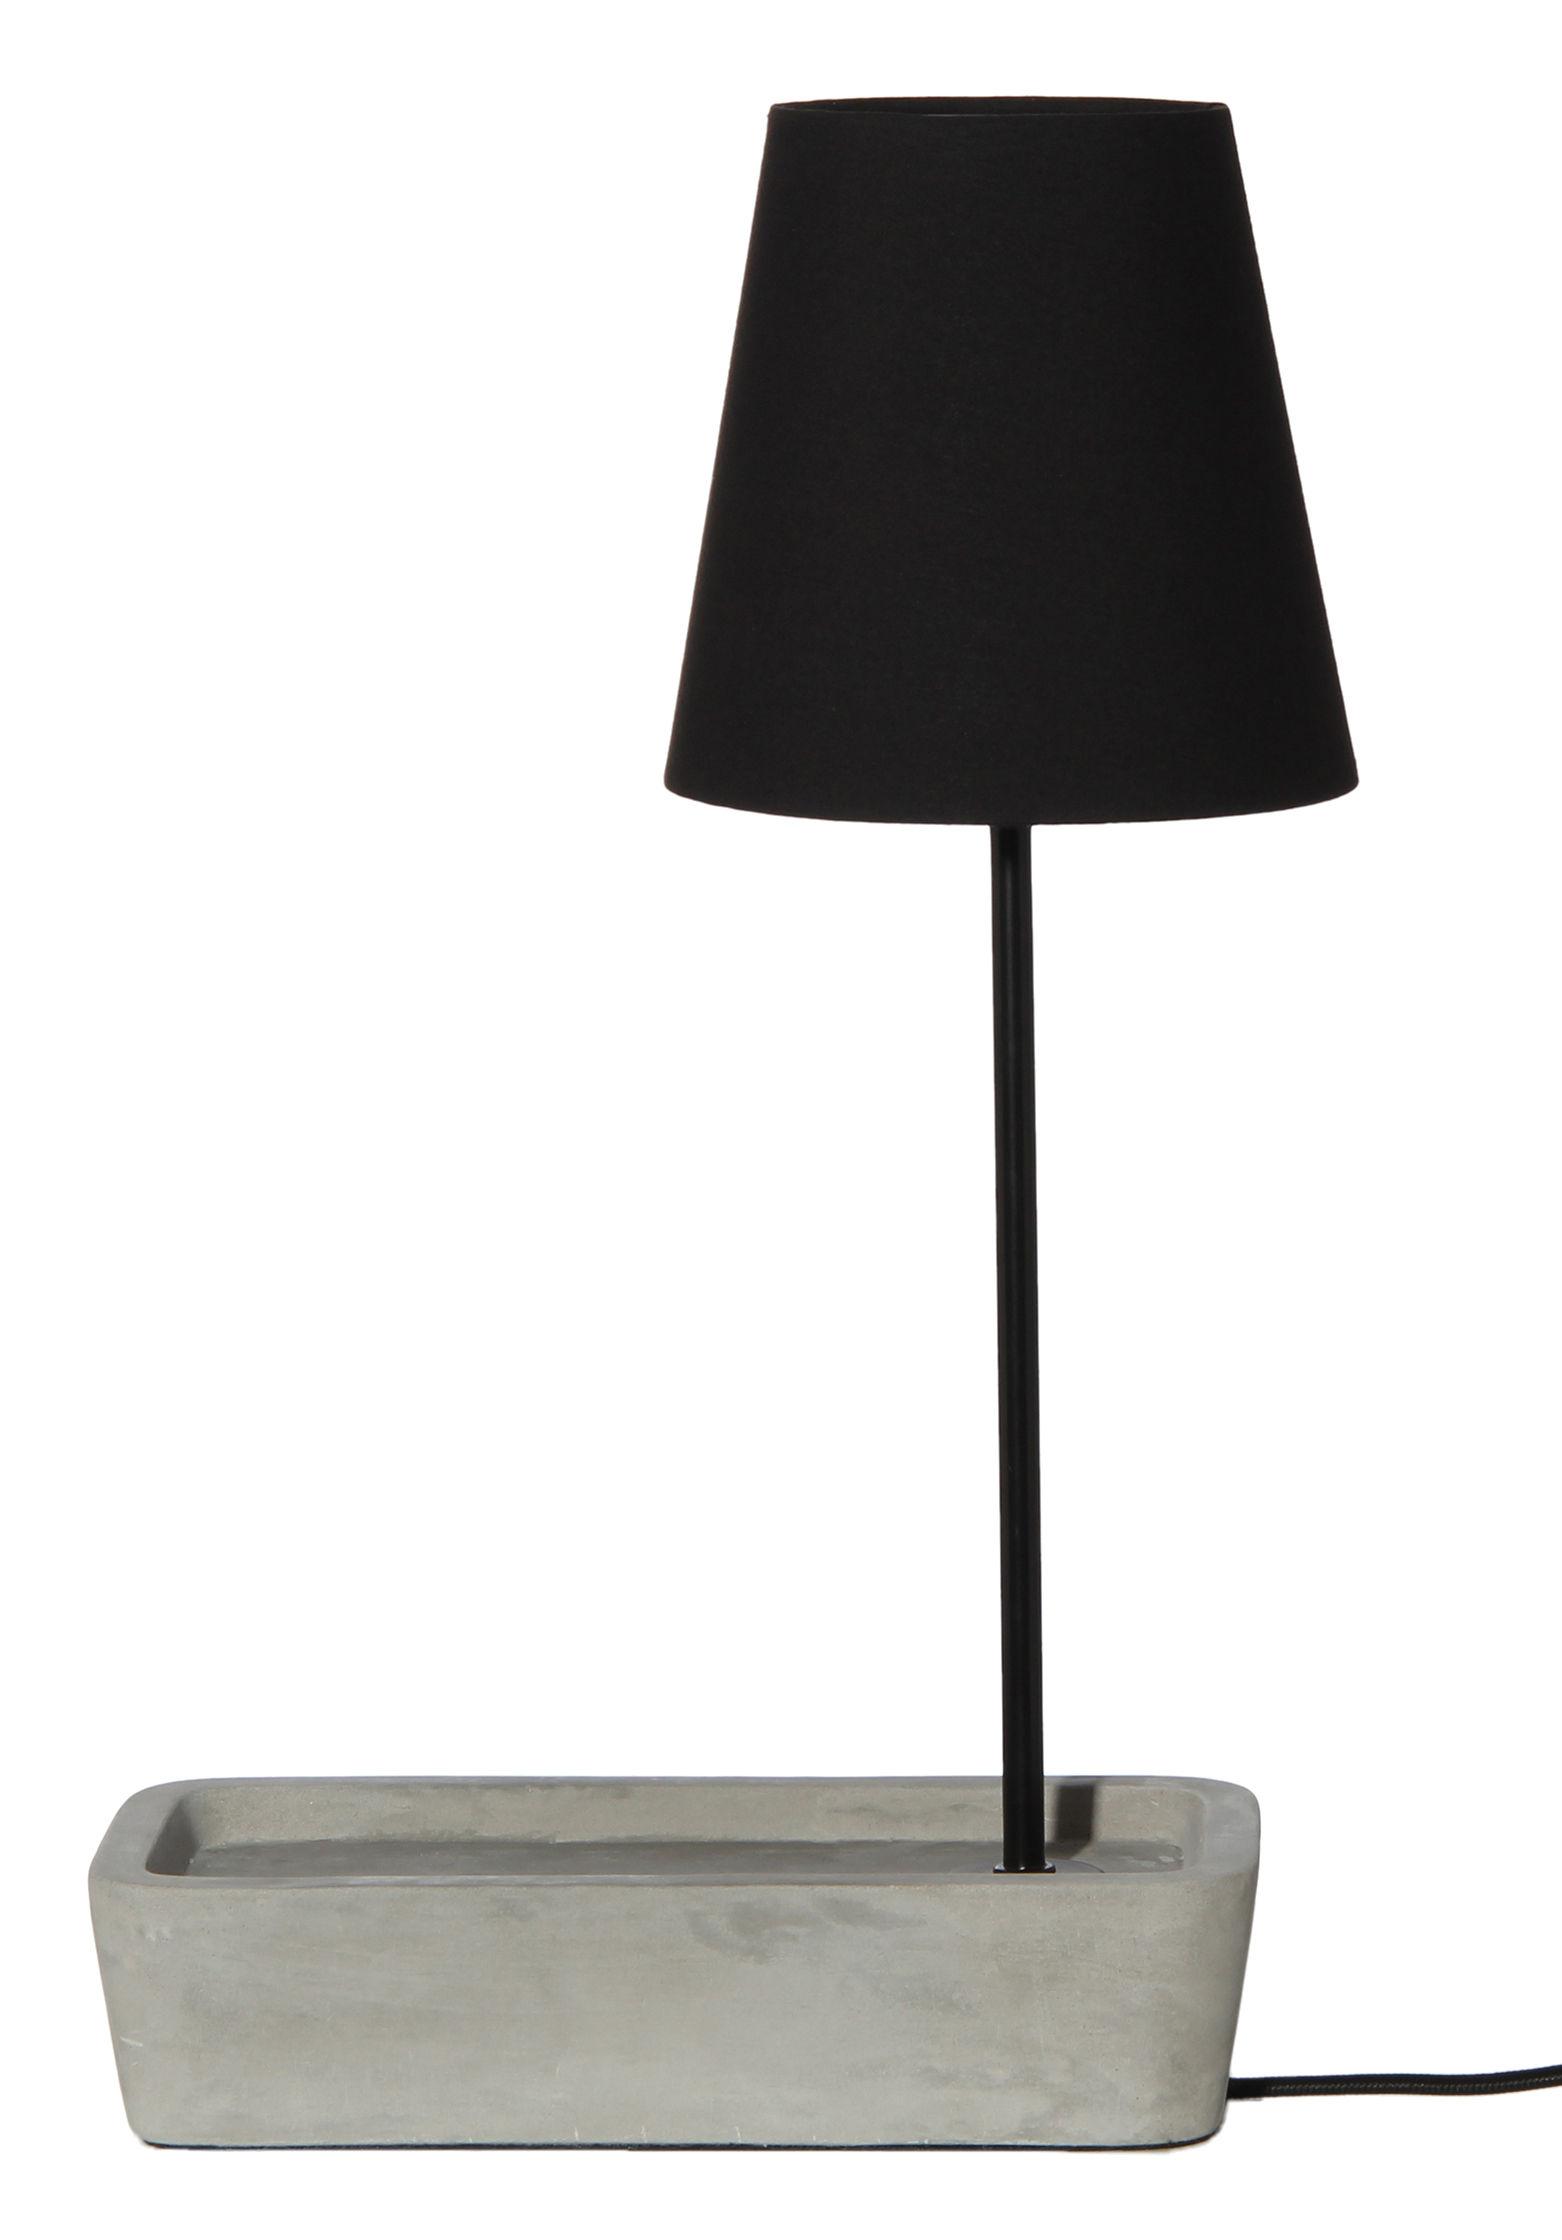 Base lampada da tavolo cemento cemento grigio nero by frandsen made in design - Base lampada da tavolo ...